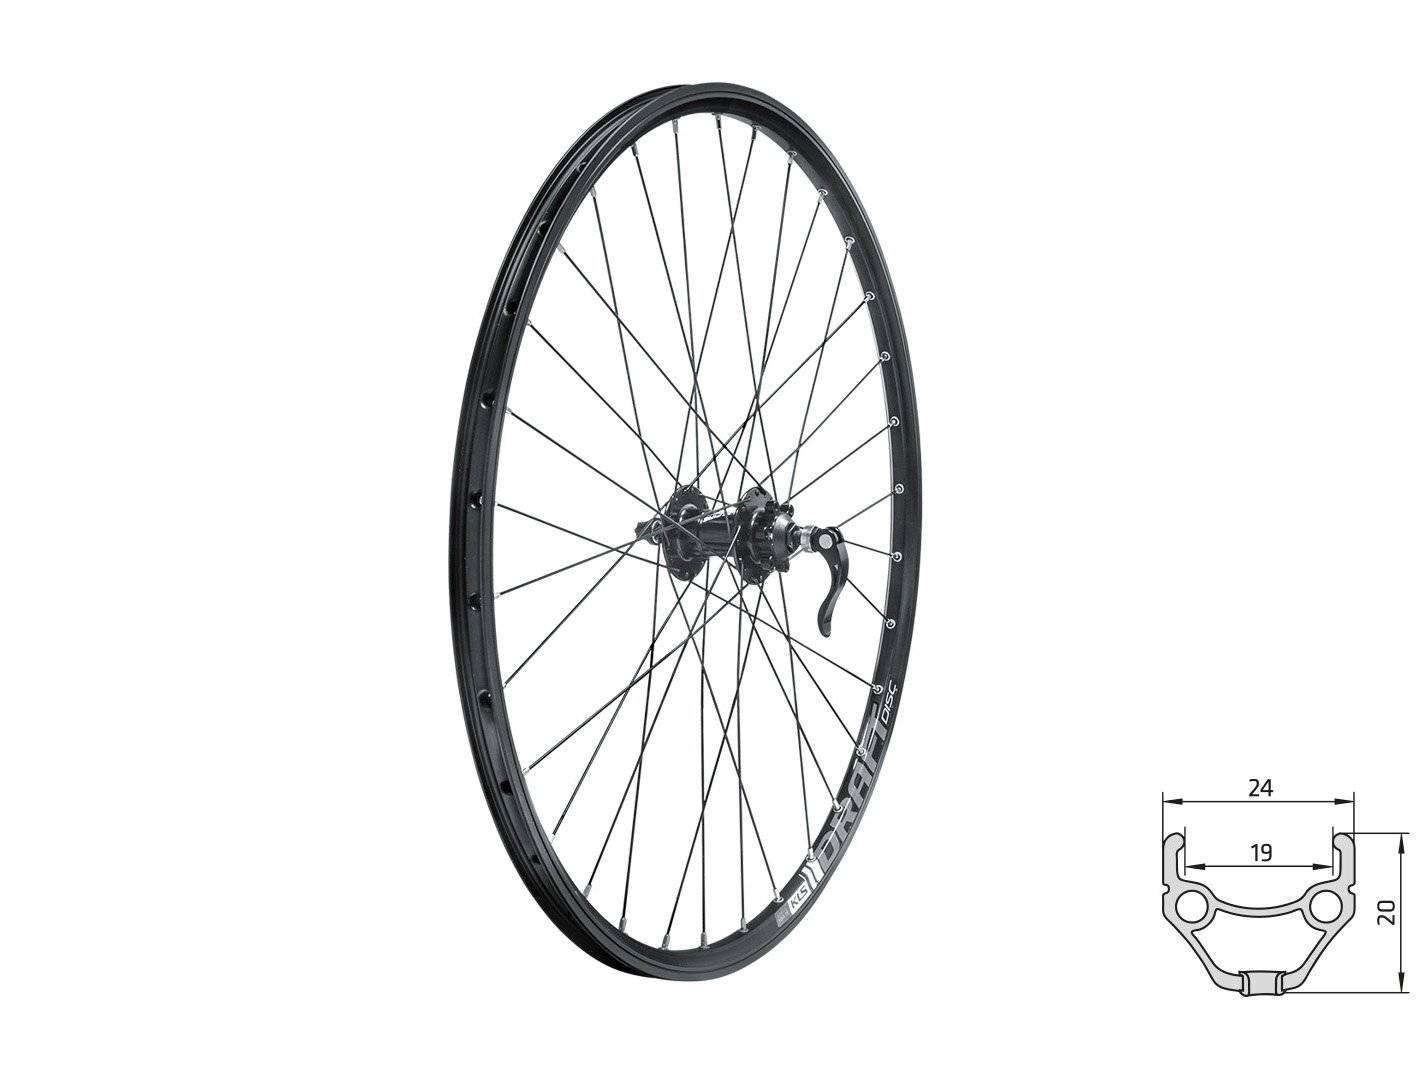 Колесо велосипедное переднее KELLY'S KLS DRAFT DSC, 27.5, двойной обод 32Н, с эксцентриком, черное